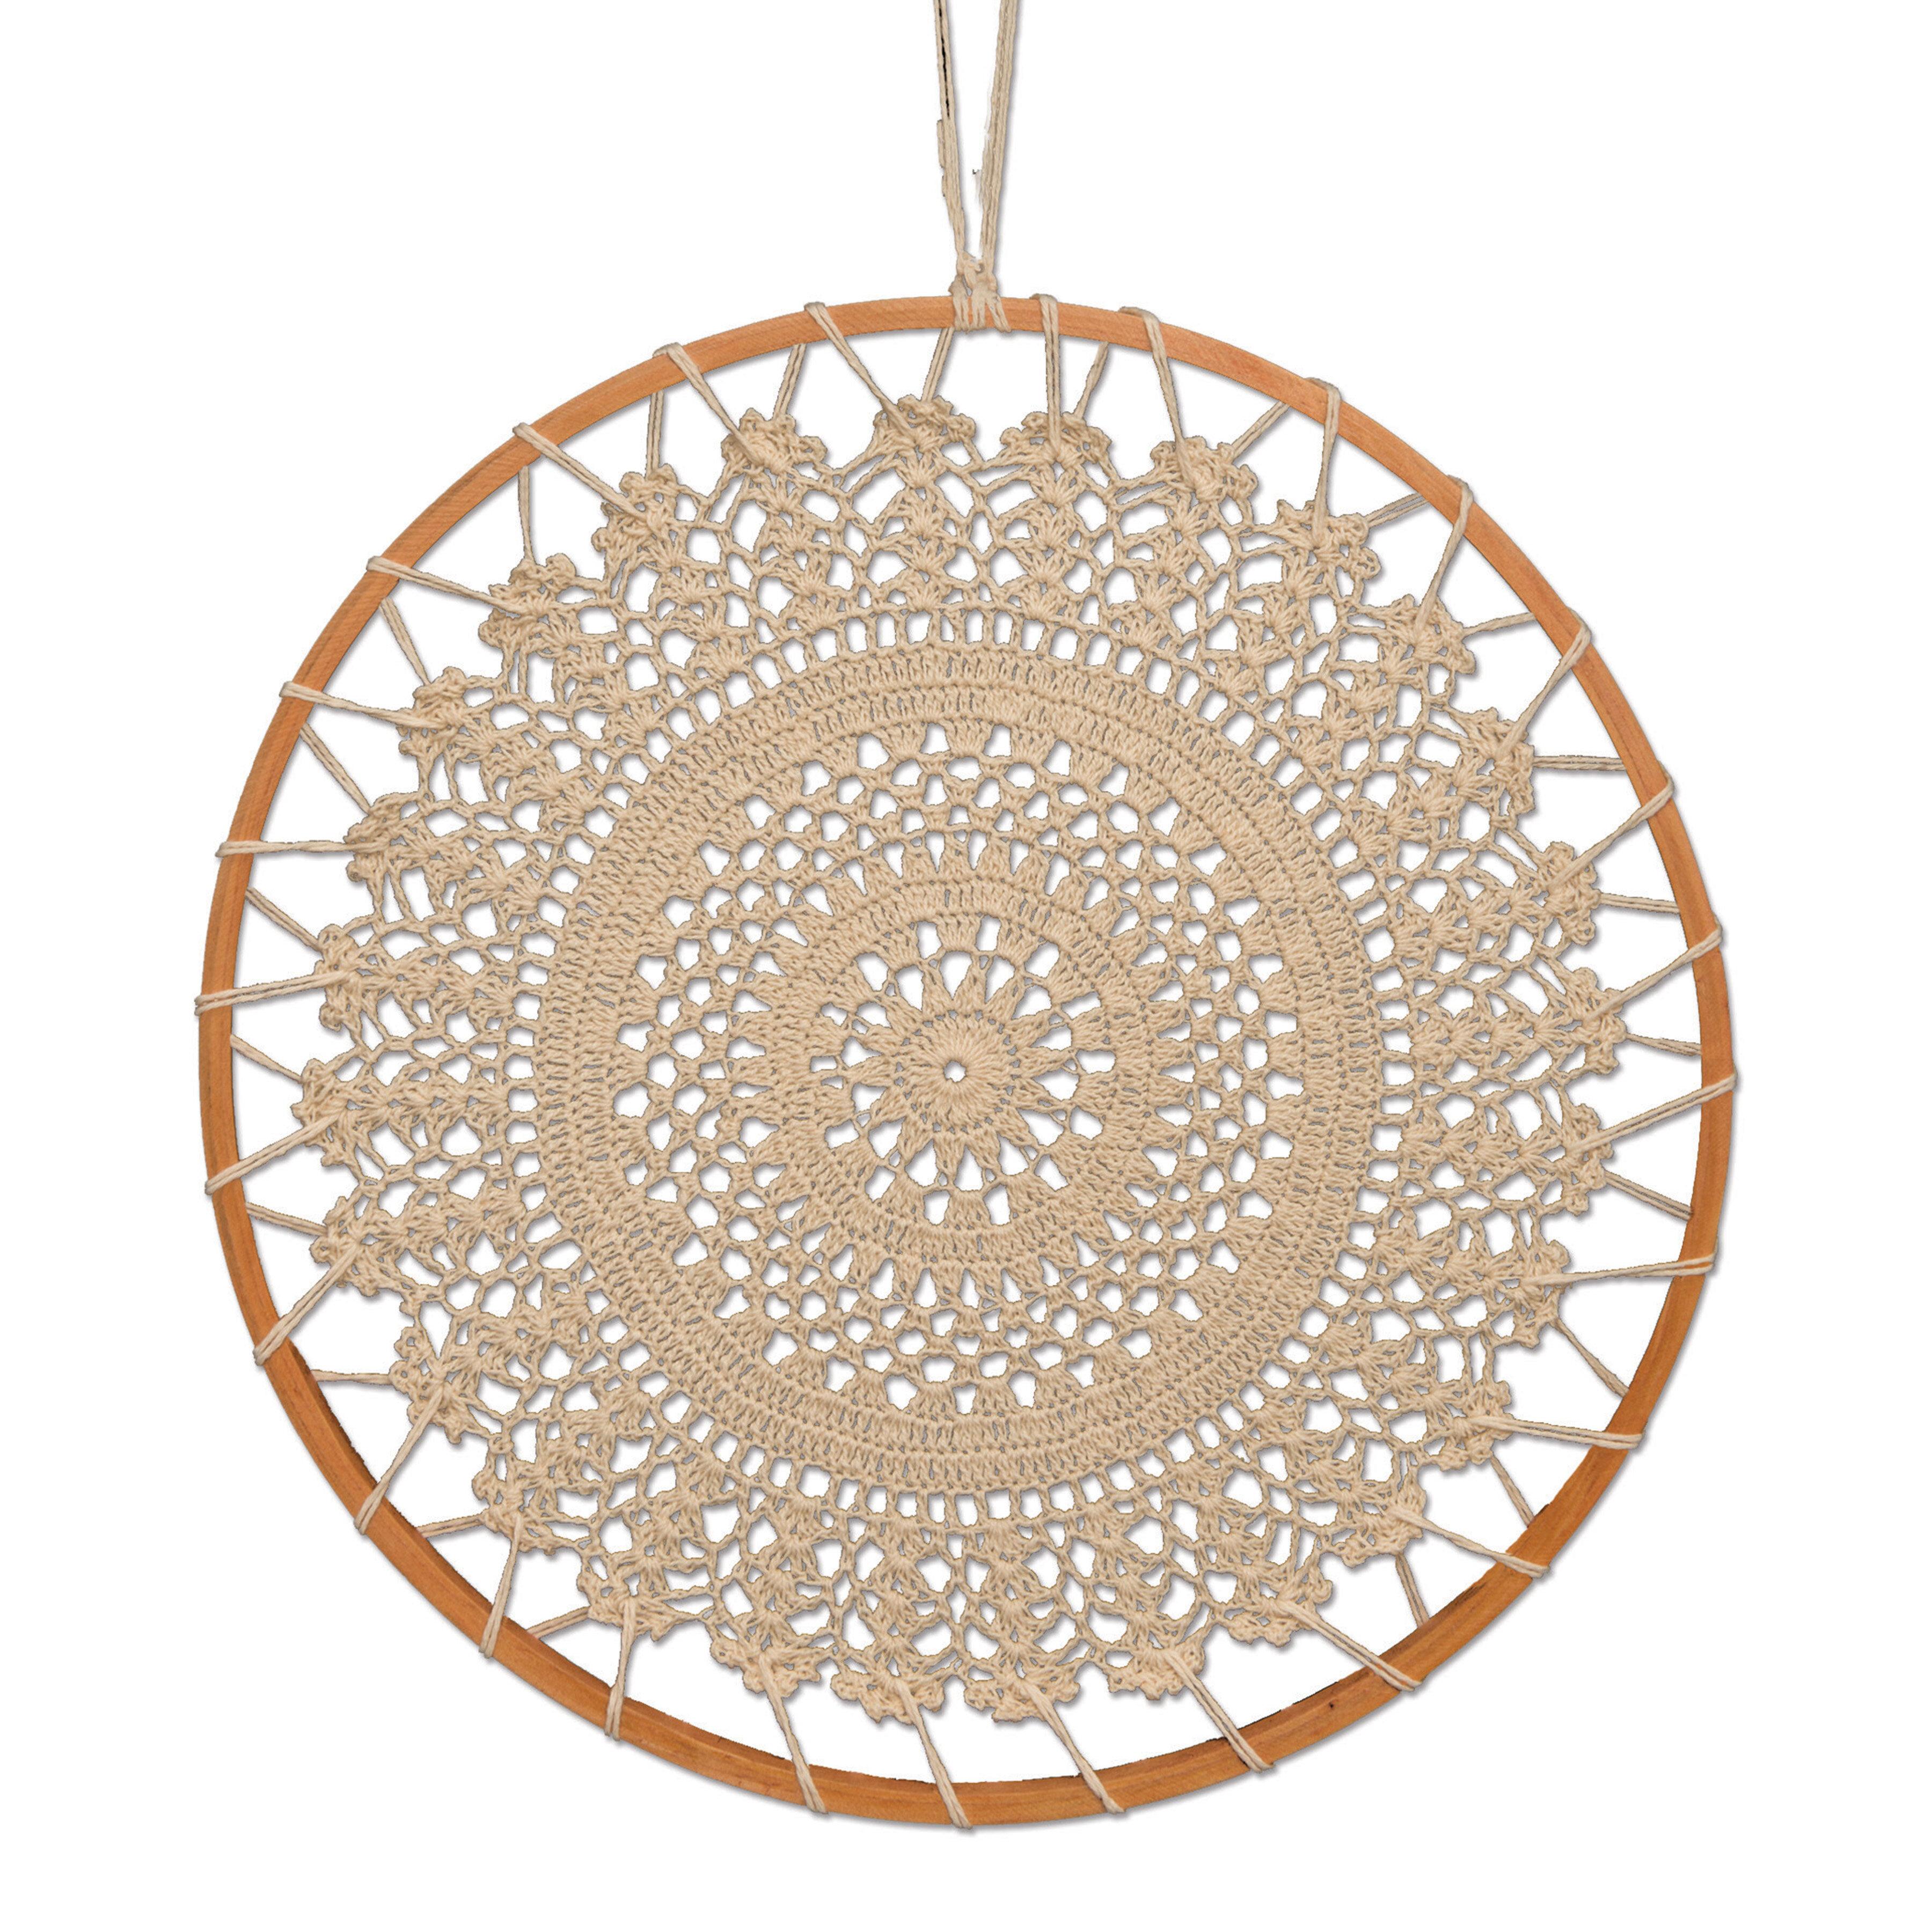 Crochet Dream Catcher Bohemian Cotton Wall Décor Reviews Joss Main